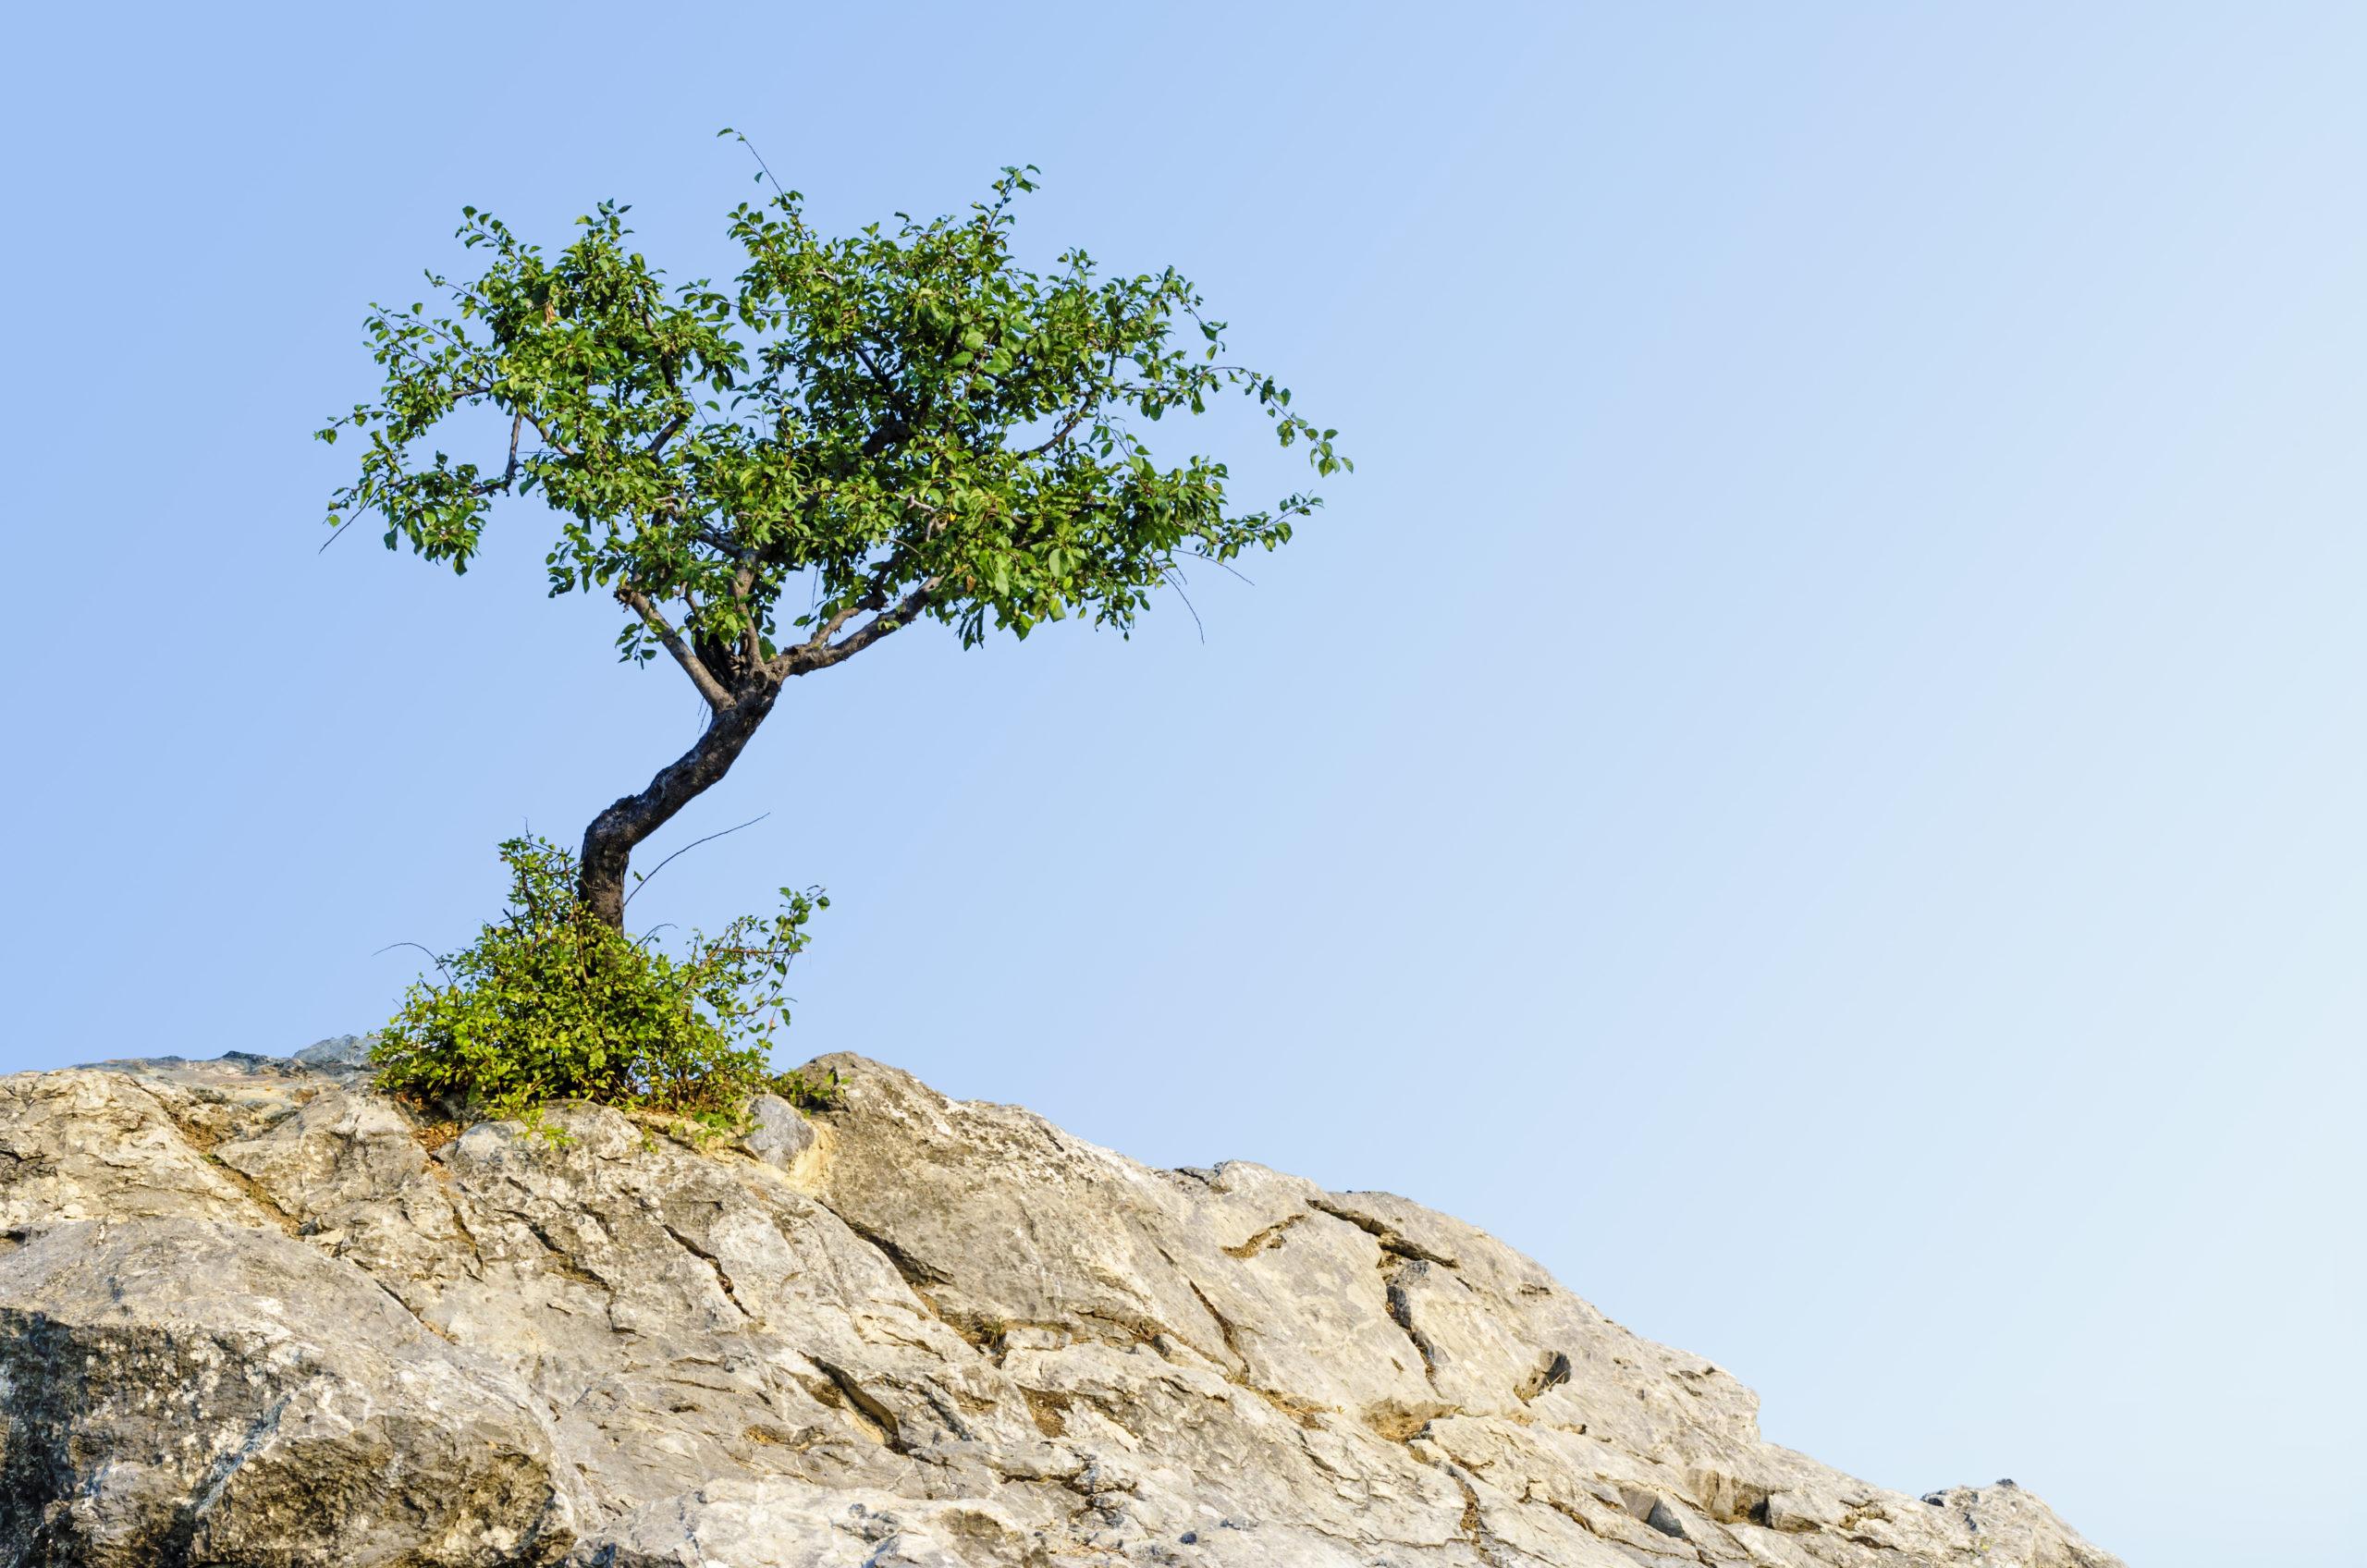 Opinión: ¿Qué necesita un árbol para sobrevivir?